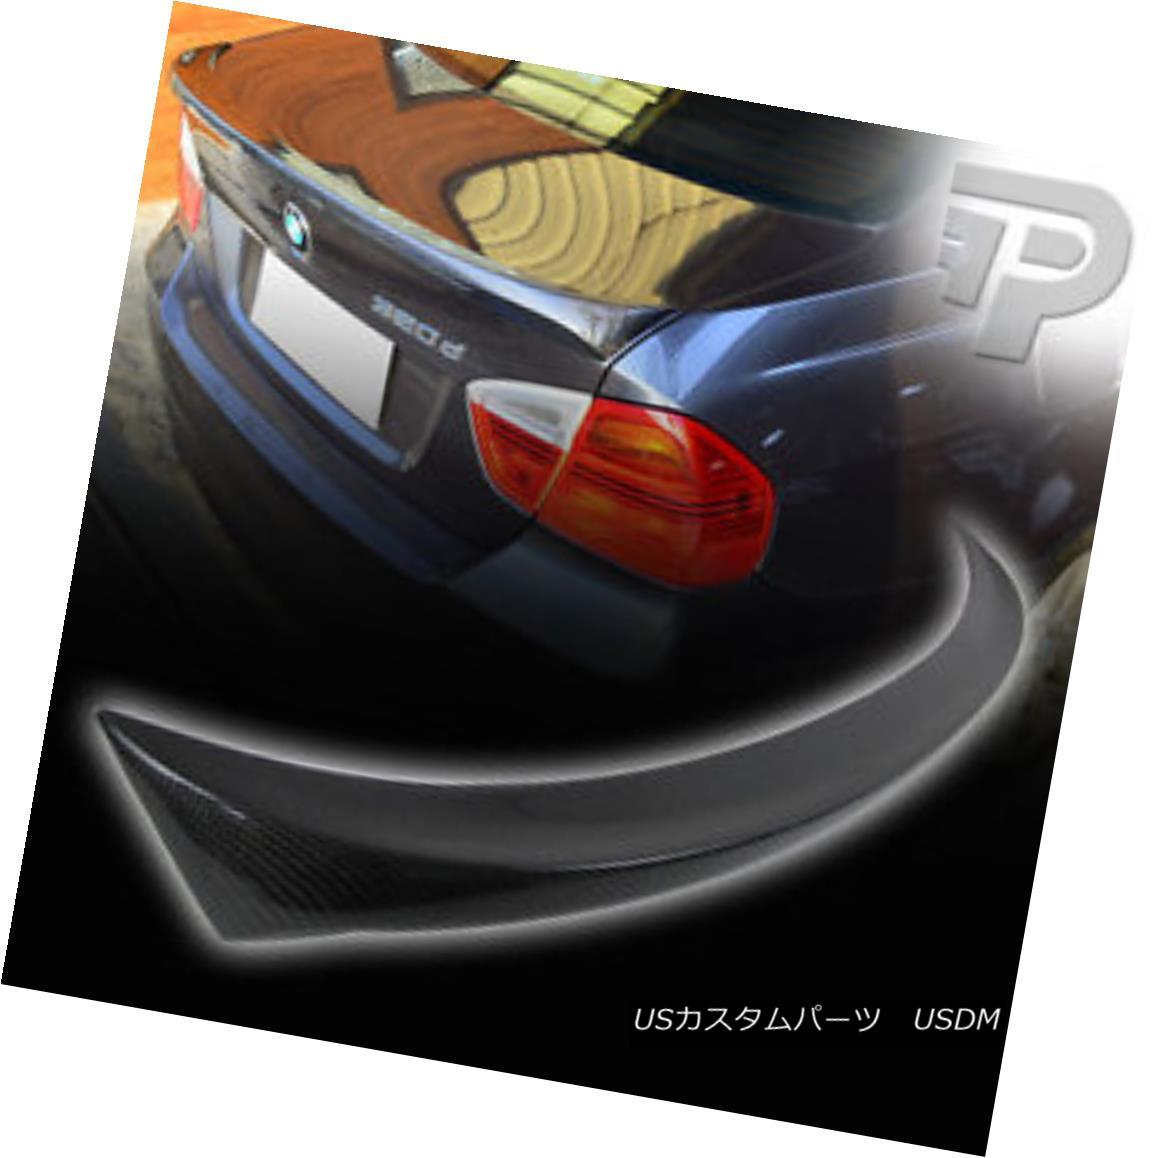 エアロパーツ CARBON FIBER BMW 3-SERIES E90 4D SEDAN M-TECH TYPE REAR BOOT TRUNK SPOILER 328i▼ カーボンファイバーBMW 3シリーズE90 4DセダンMテックタイプリアブーツトランクスポイラー328i?